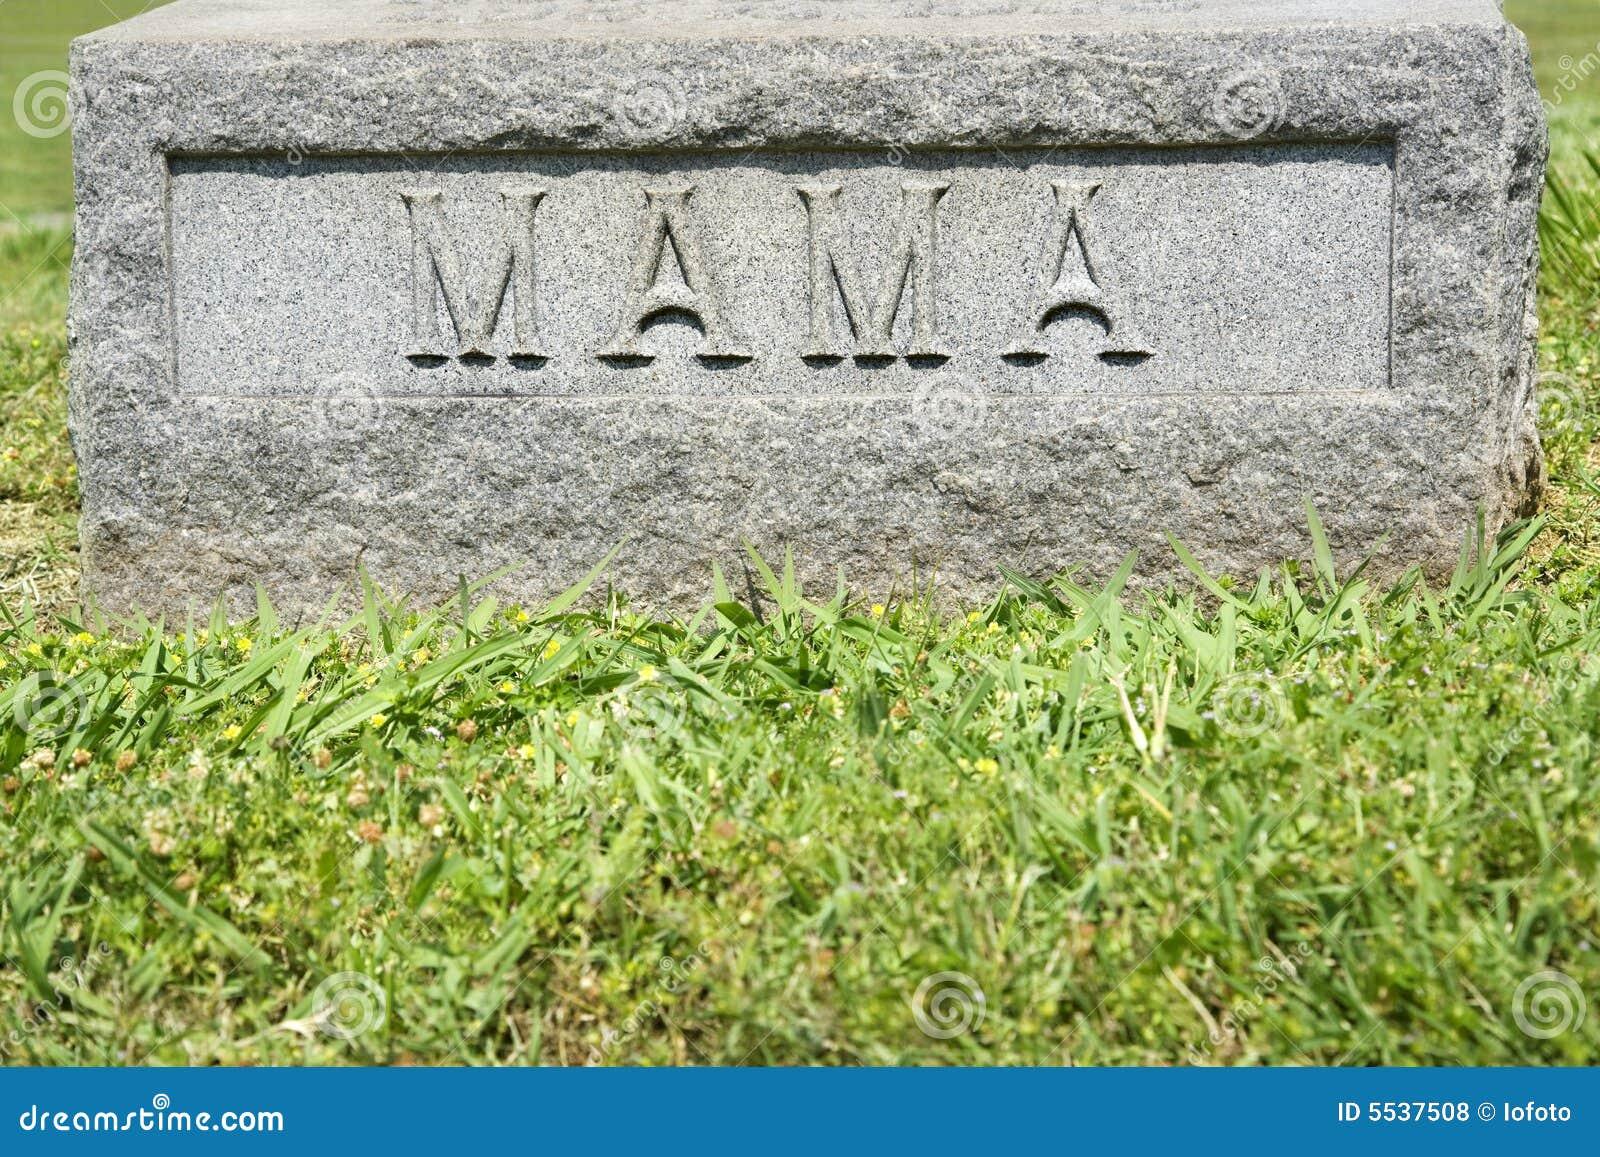 Gravestone with